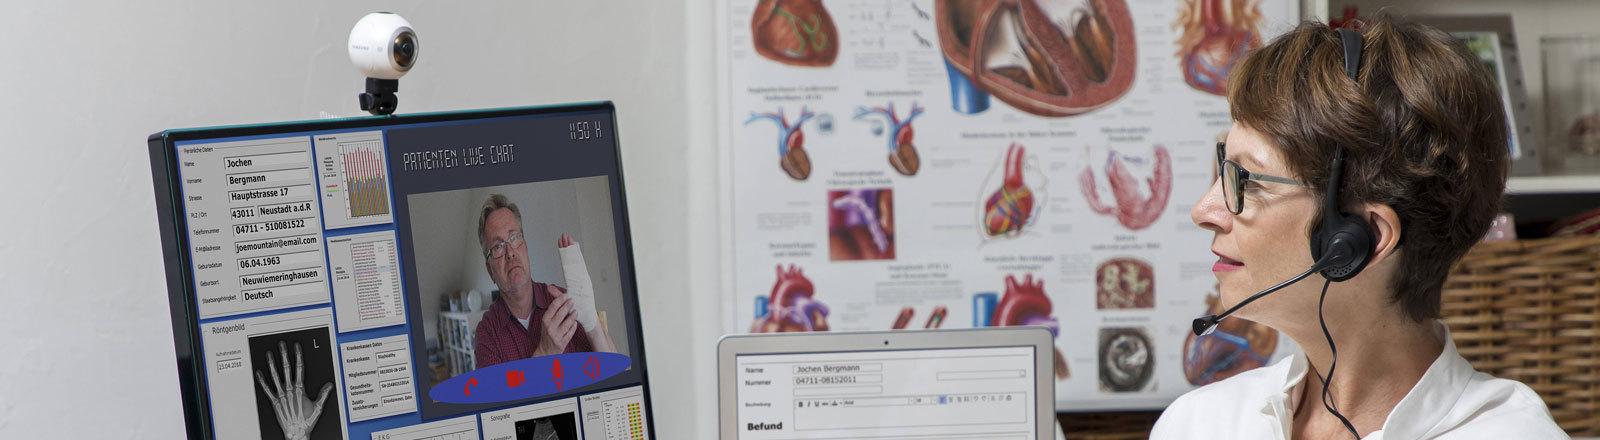 Symbolfoto zur Telemedizin, Ärztin in einer Praxis, kommuniziert mit dem Patienten über eine Webcam, Patientendaten und Befunde auf dem Monitor